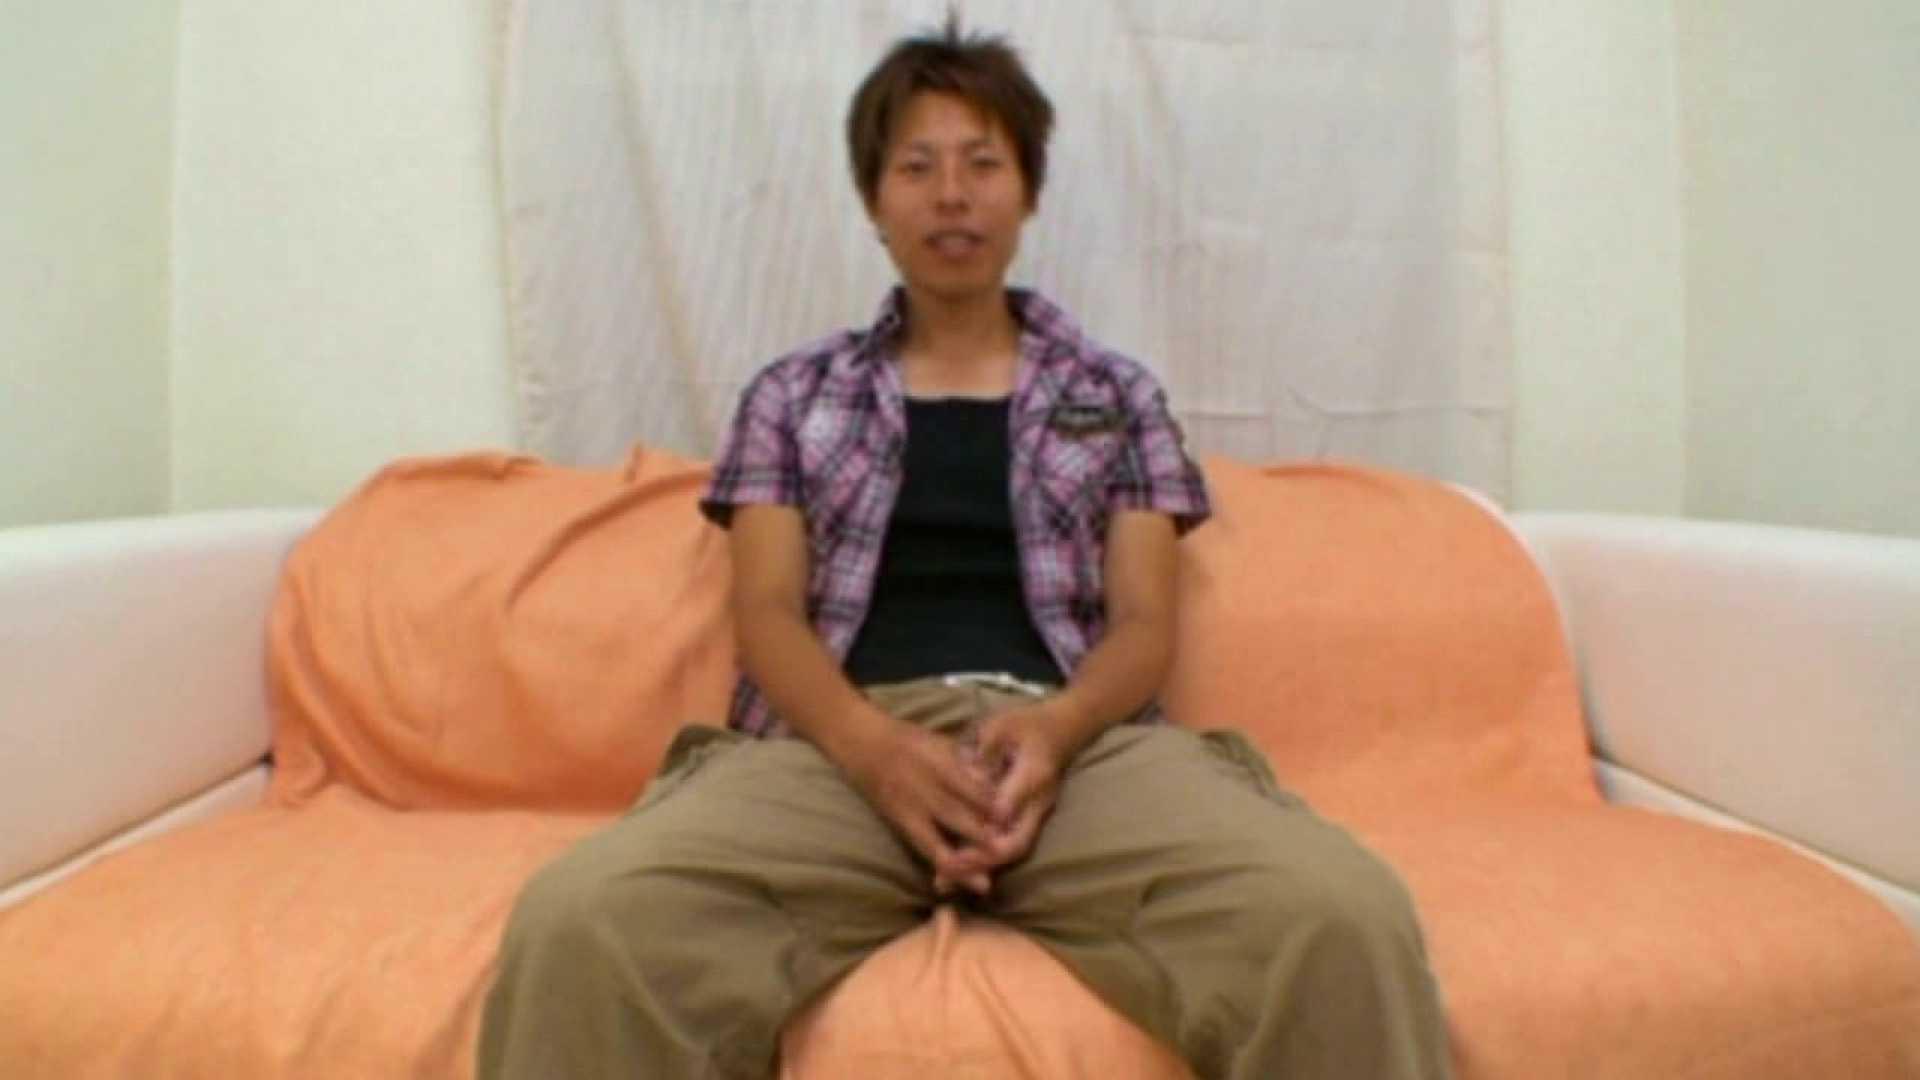 ノンケ!自慰スタジオ No.10 オナニー アダルトビデオ画像キャプチャ 113枚 36